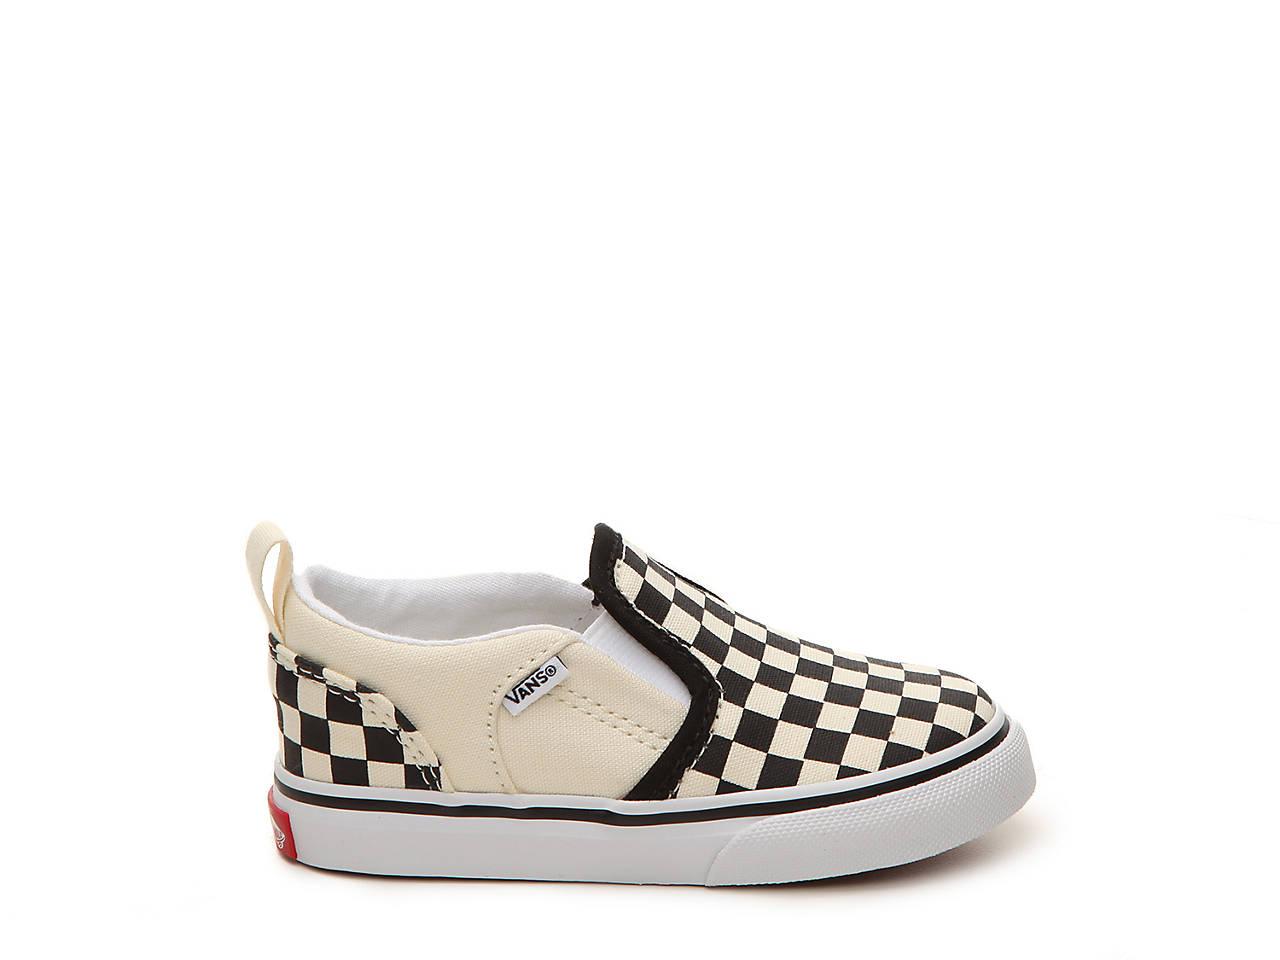 8672e93fe6d5a8 Vans Asher Checkers Infant   Toddler Slip-On Sneaker Kids Shoes